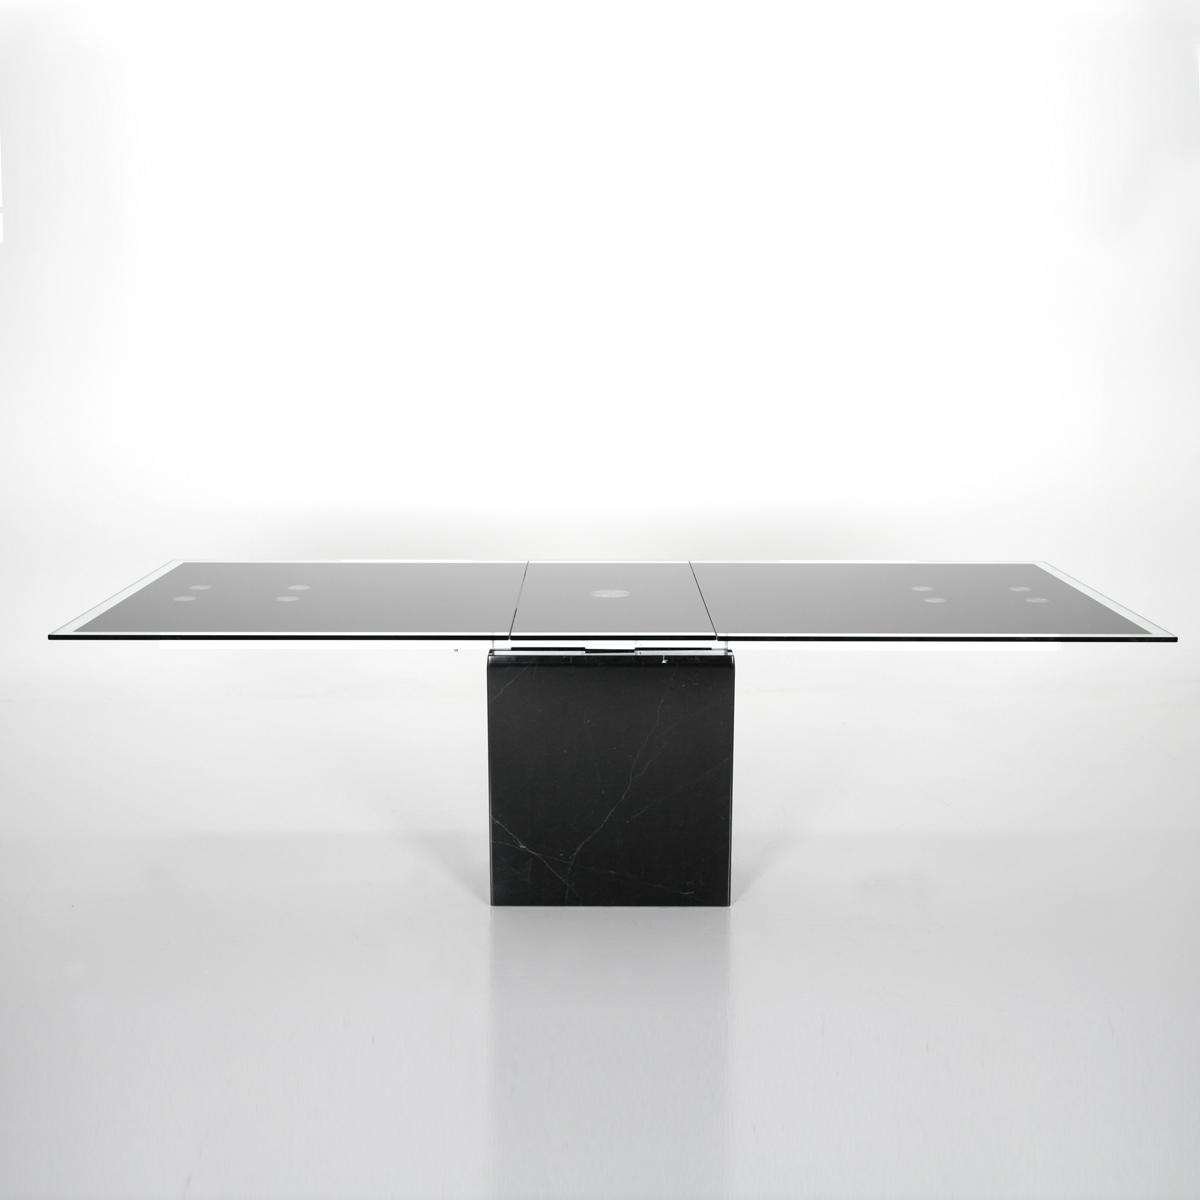 Esstisch flavio tisch mit marmor fu in schwarz glas neu ebay for Esstisch glas schwarz